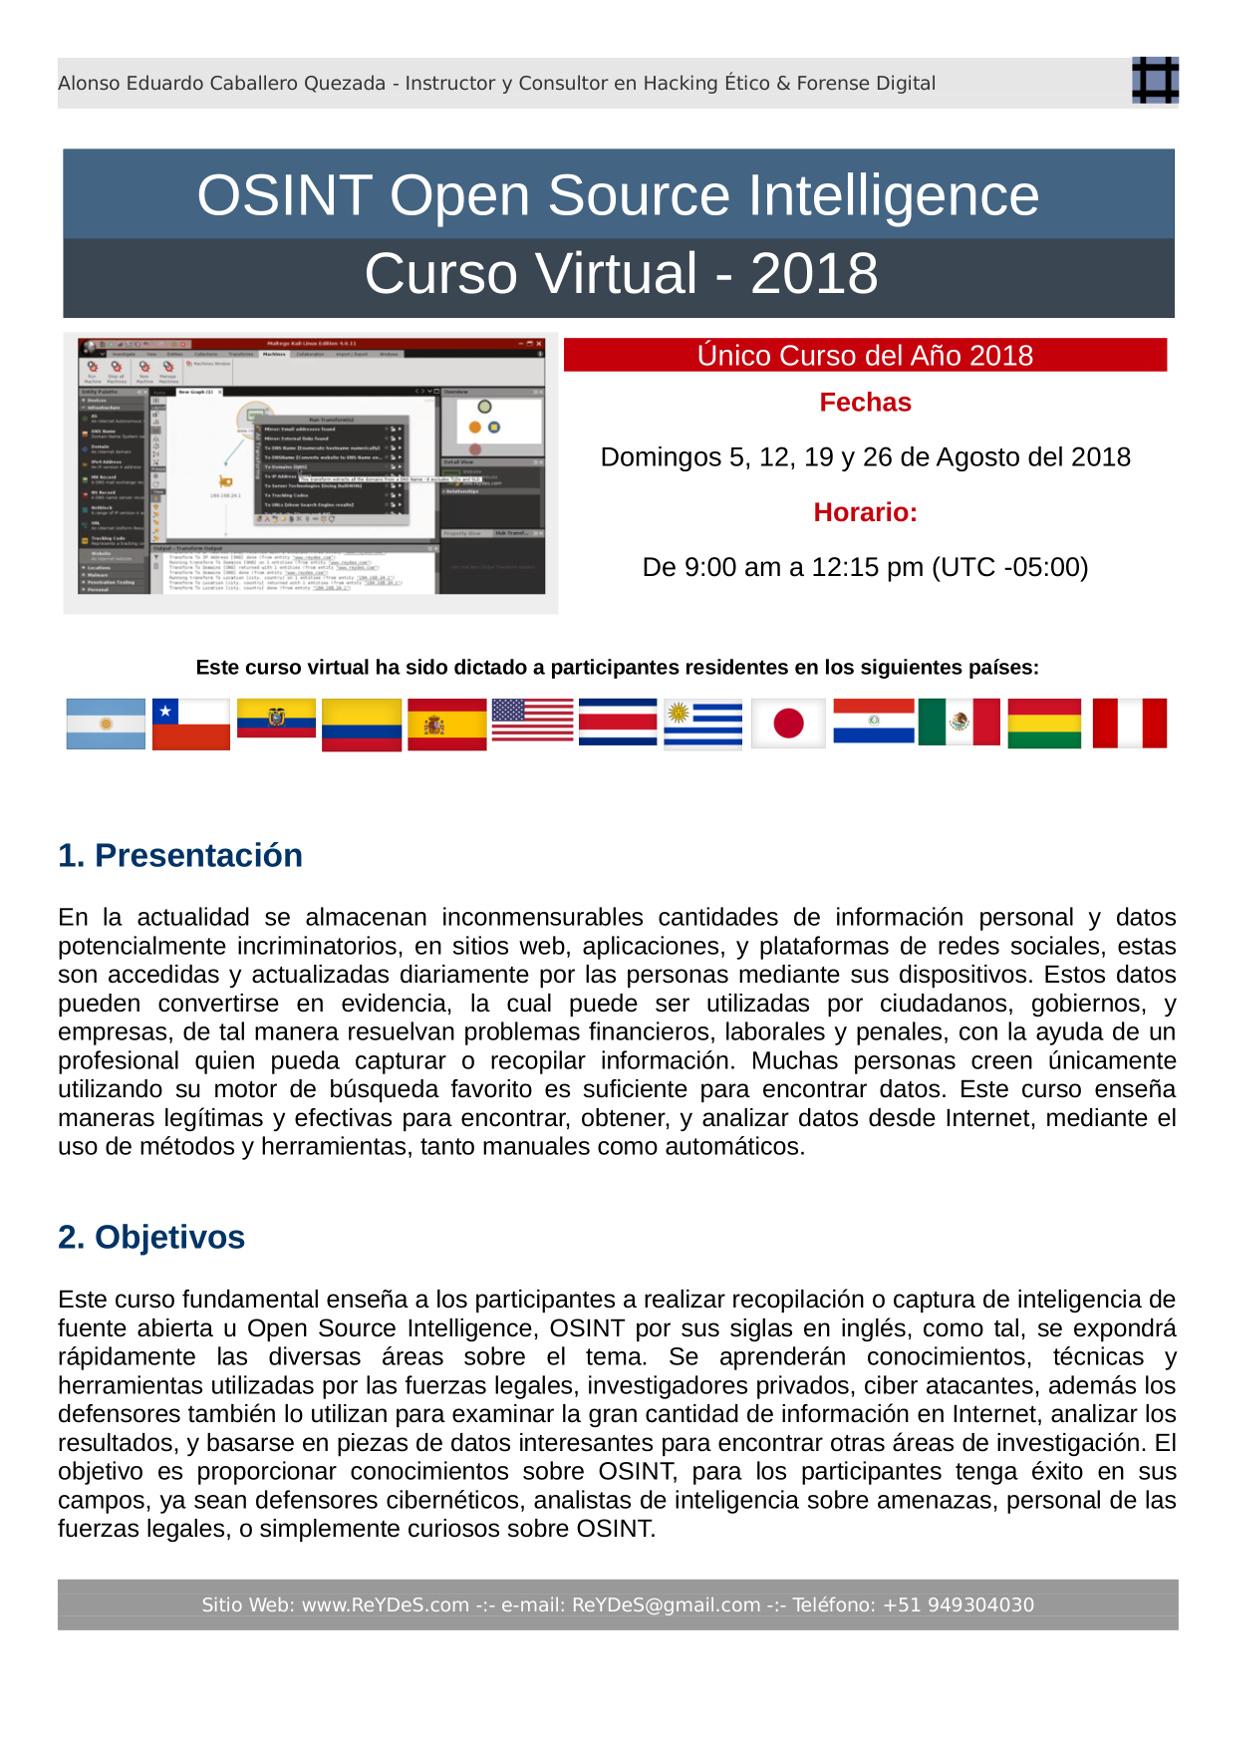 Único Curso de OSINT Open Source Intelligence 2018